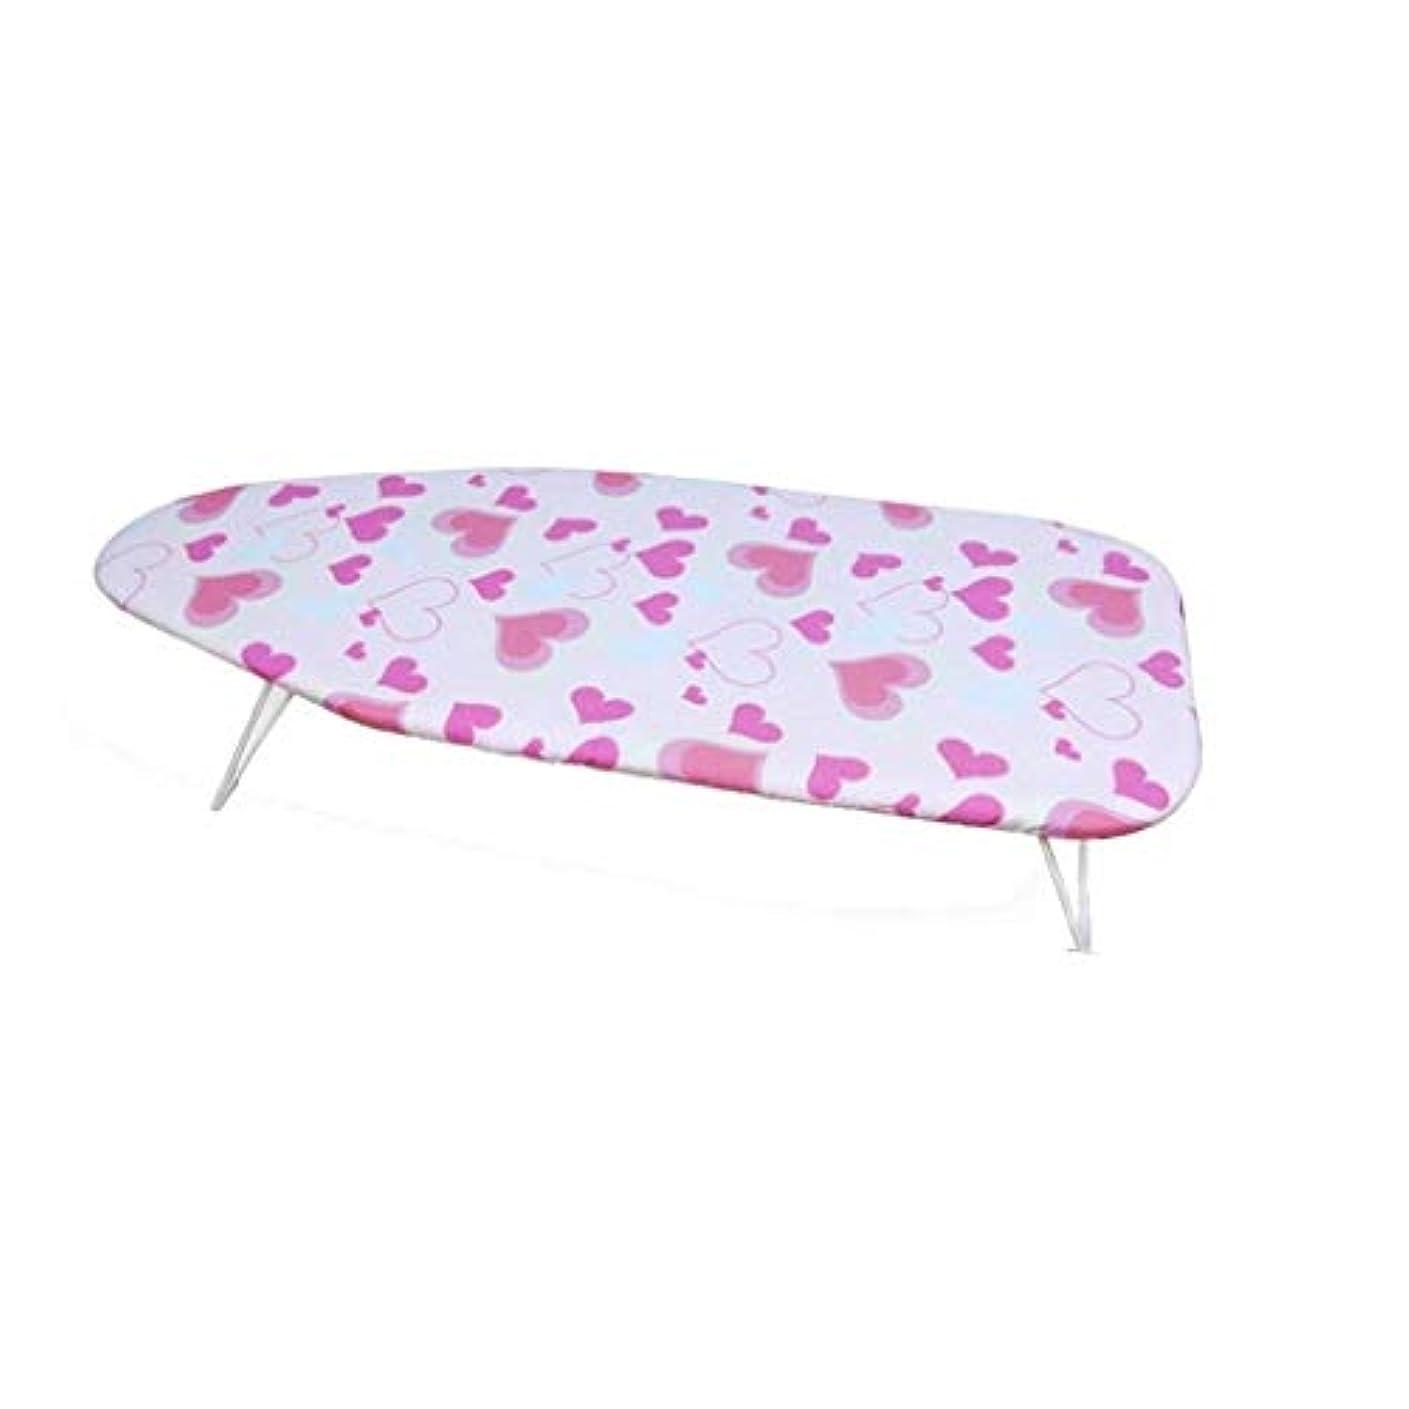 勝利熱望する短くするアイロン台、折りたたみが簡単な屋内寝室のアイロン台、スチール、小さな蜂/ピンクの愛(色:A、サイズ:74 * 31 * 12CM)